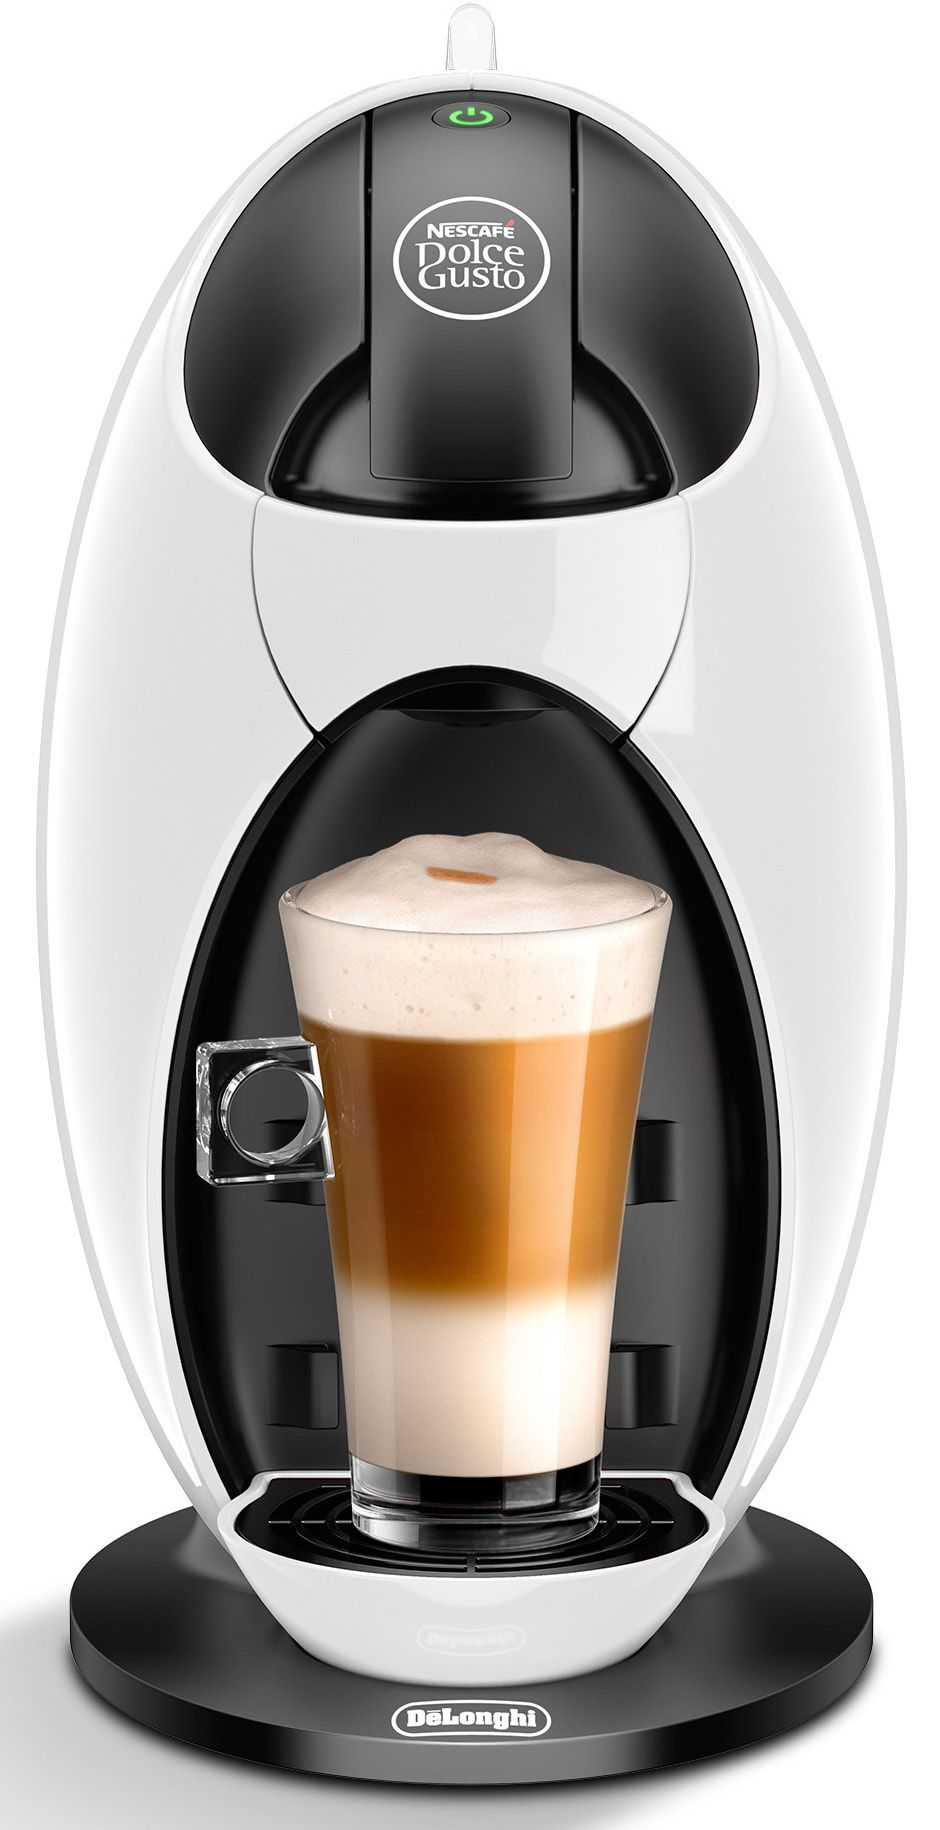 nescaf dolce gusto kapselmaschine jovia edg 250 w inkl 10 gutschein schwab versand. Black Bedroom Furniture Sets. Home Design Ideas